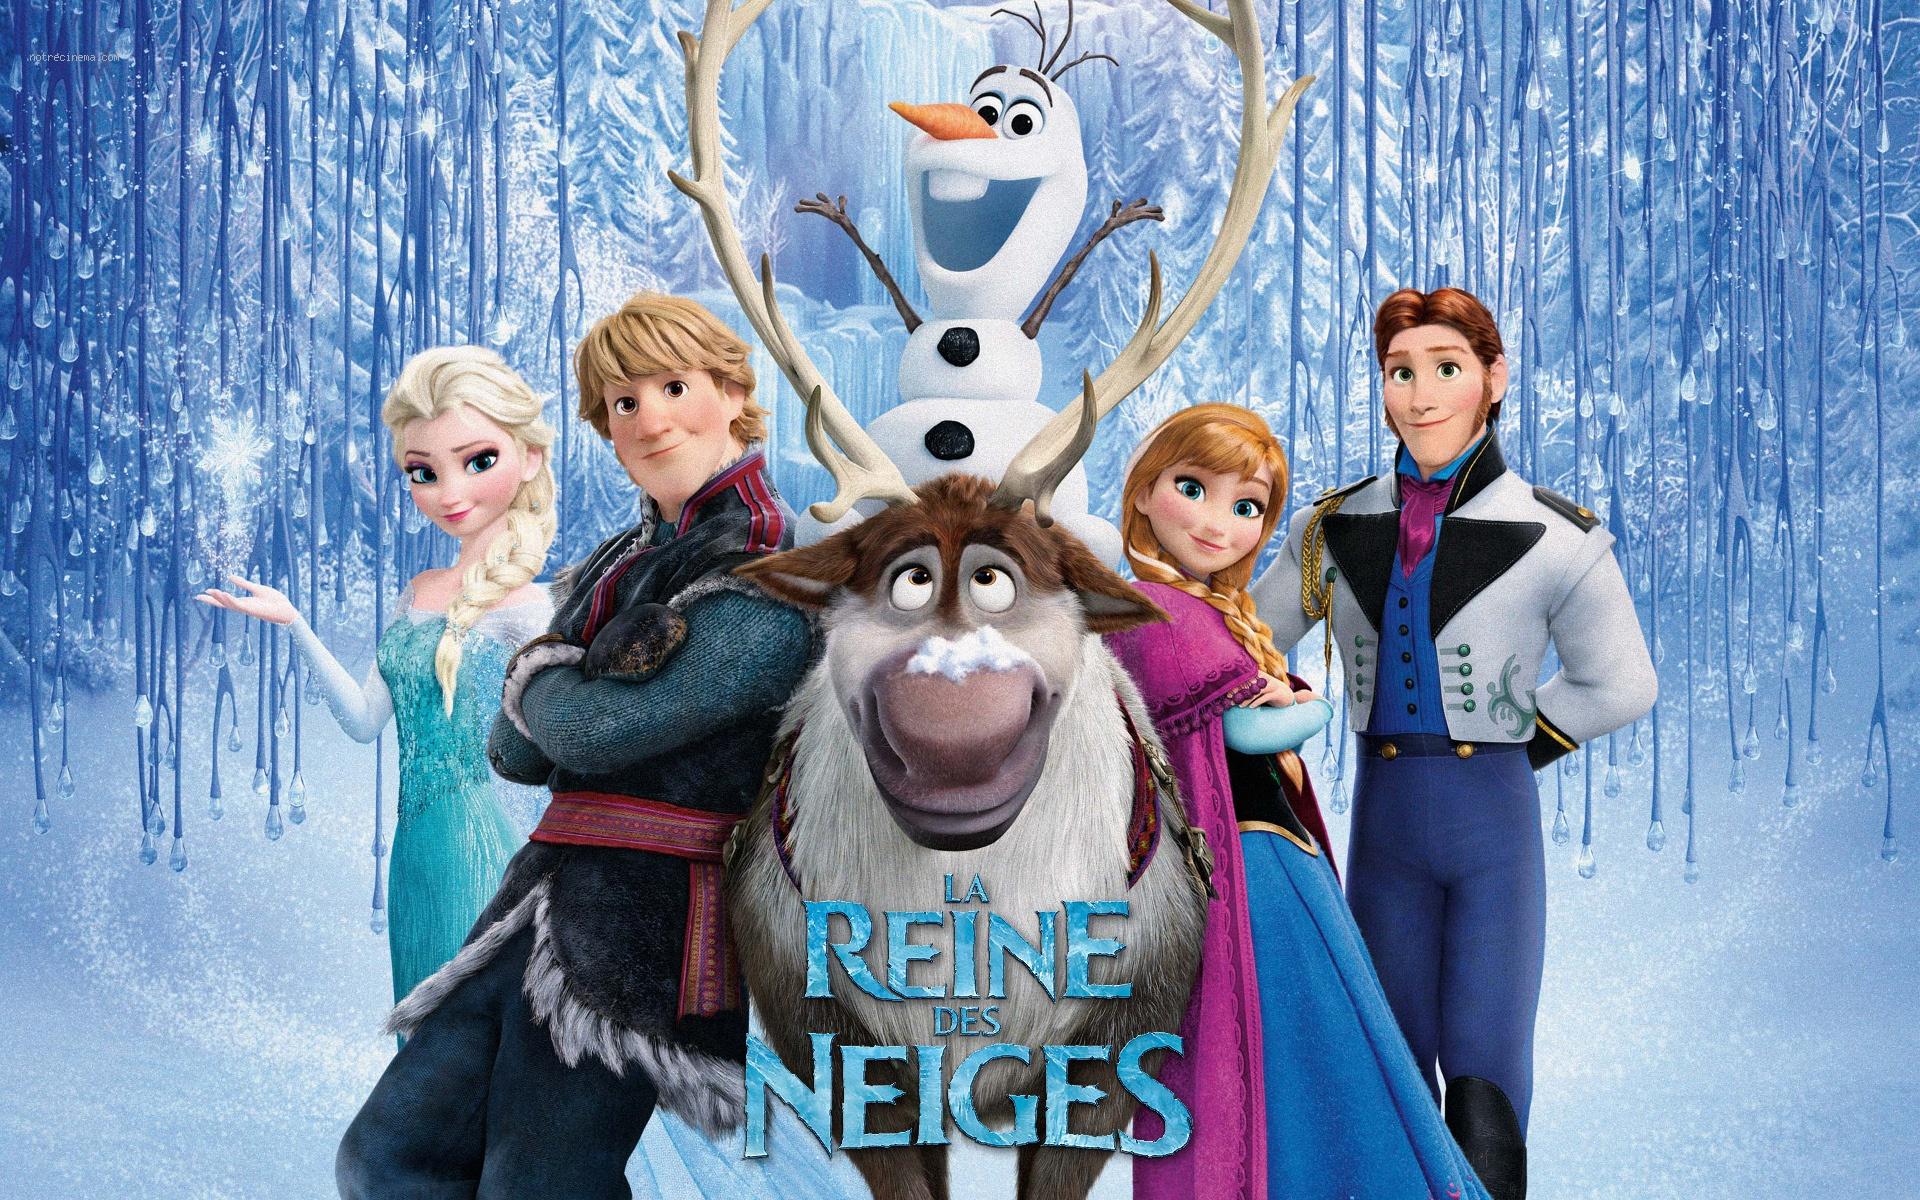 La reine des neiges satilu - La reine des neige a imprimer ...